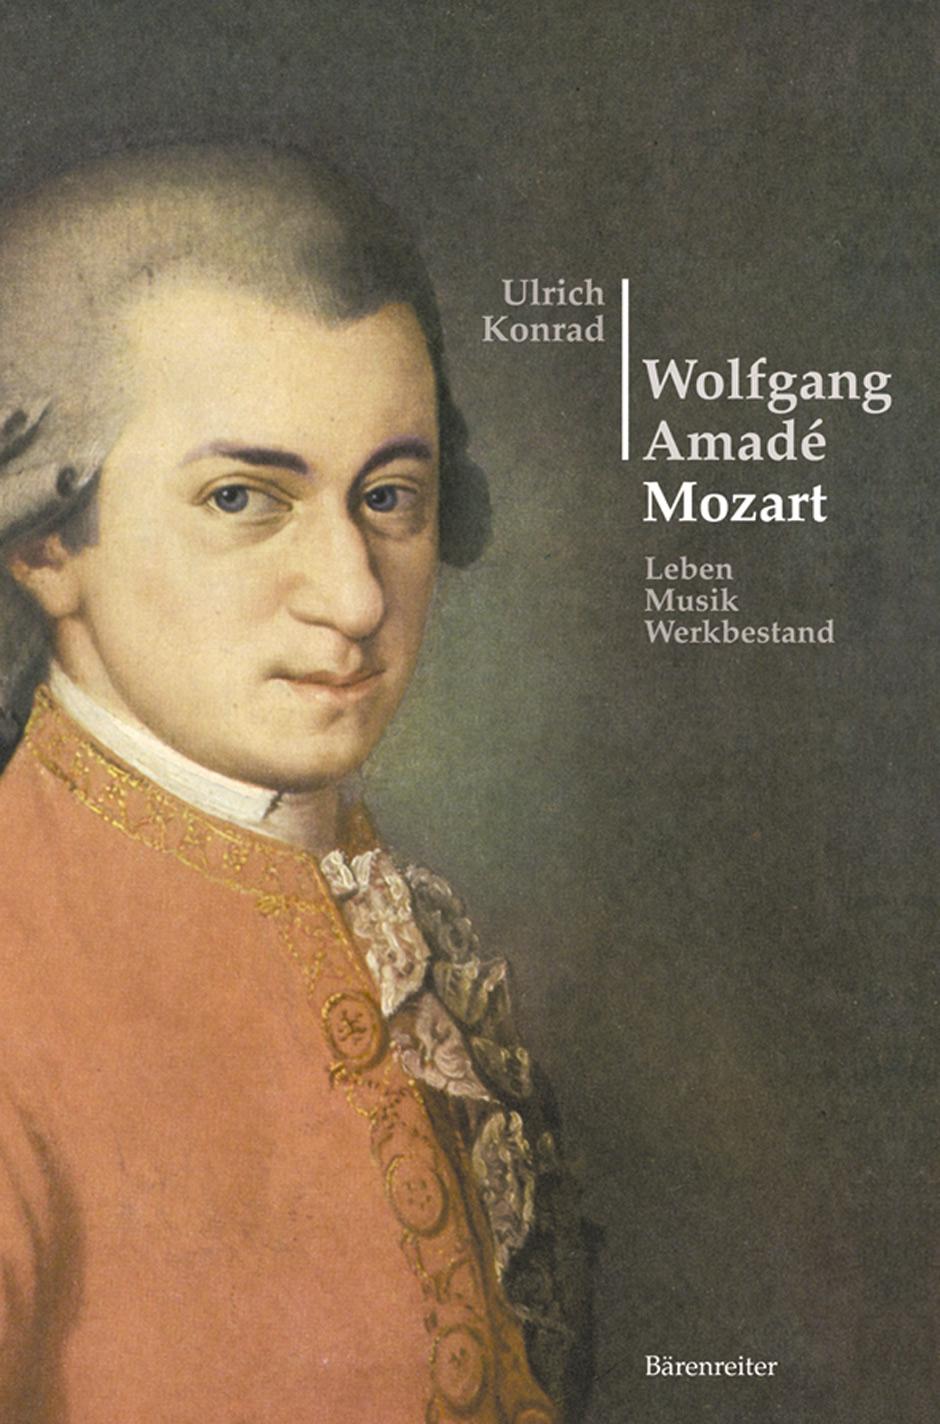 Konrad Ulrich Wolfgang Amadé Mozart Bärenreiter Verlag